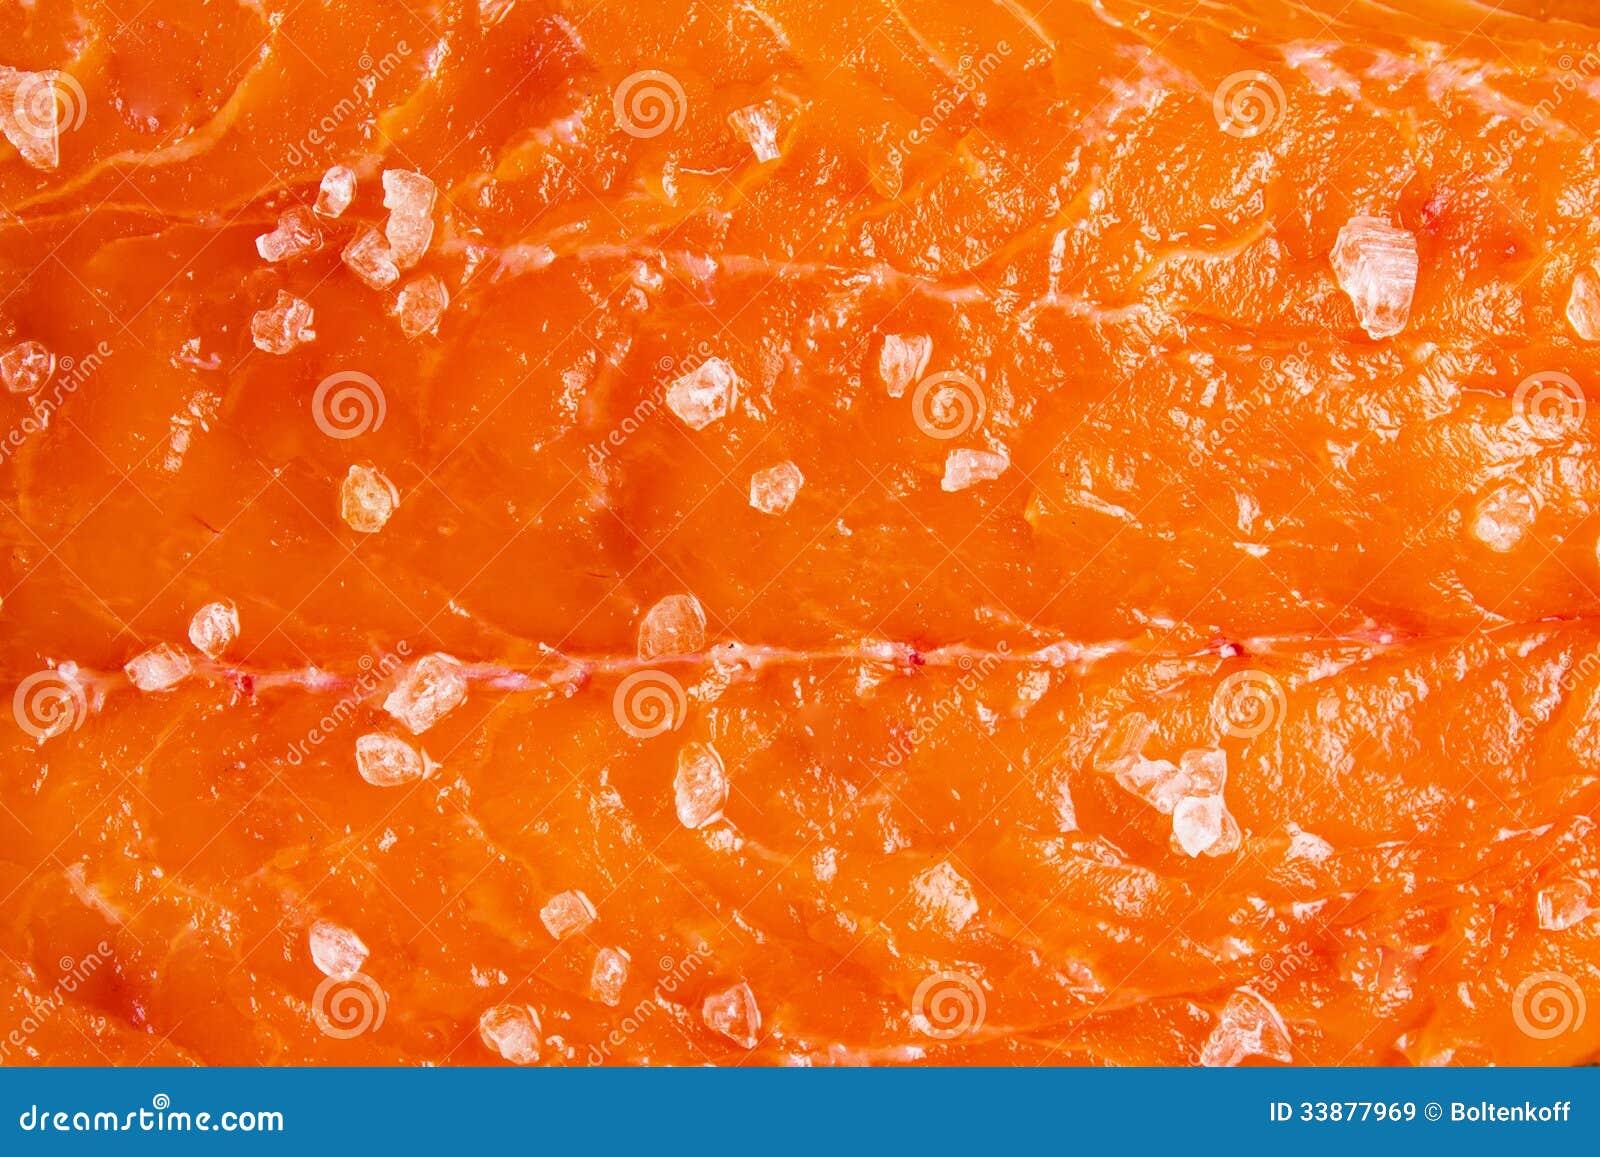 Saumons avec du sel de mer